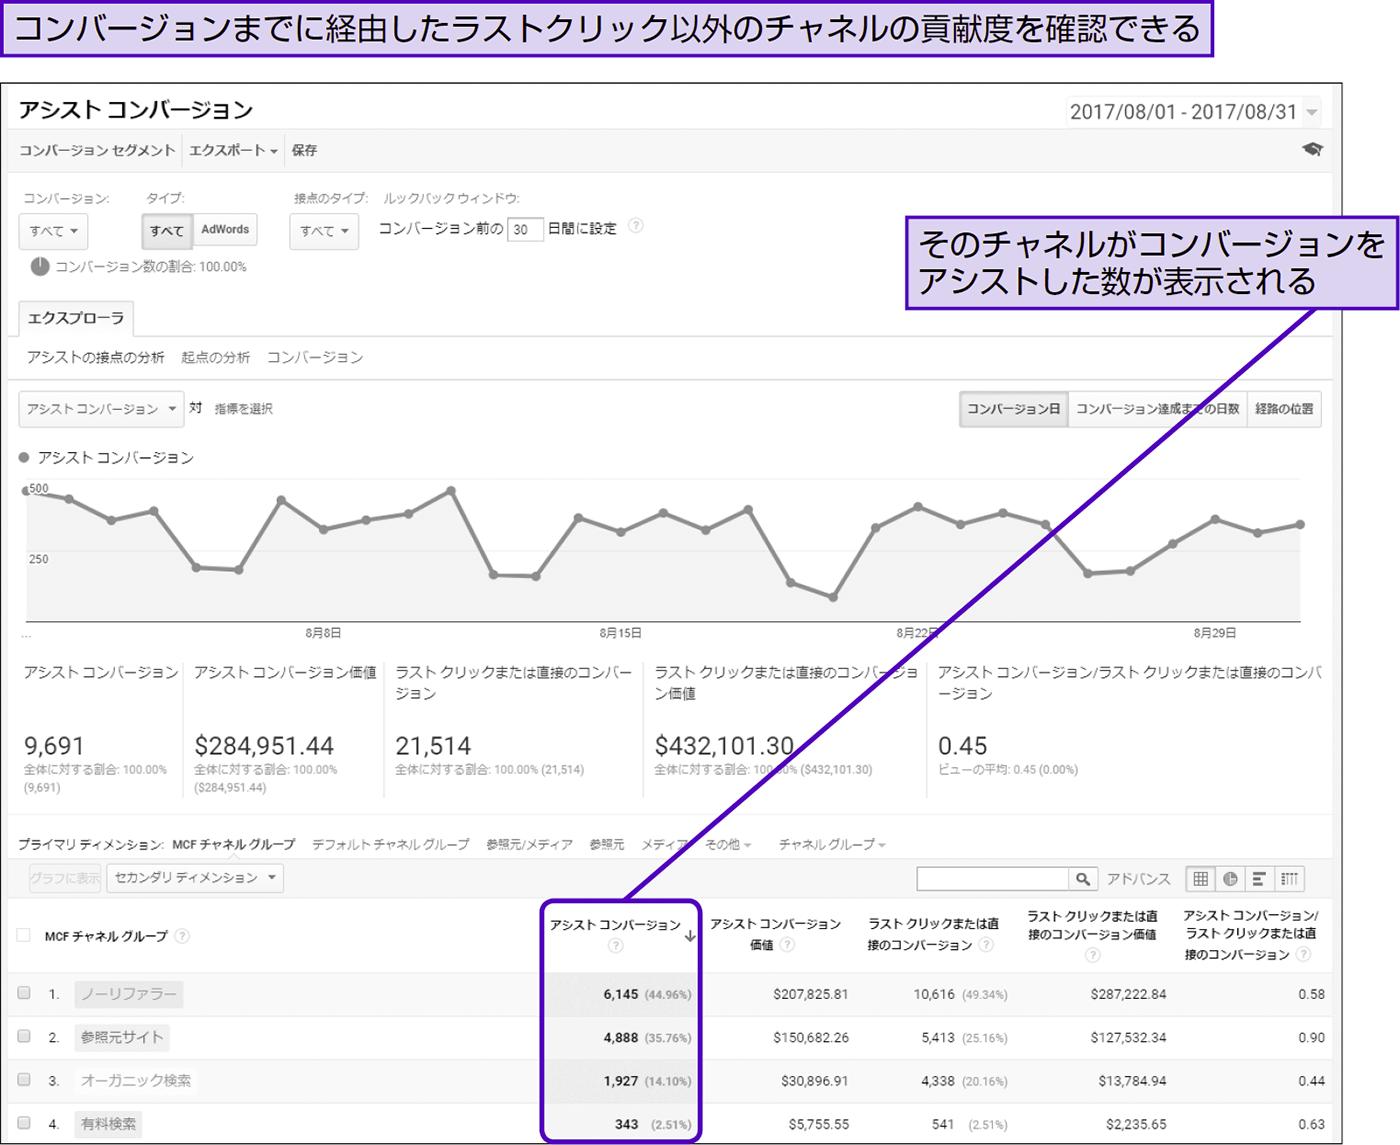 コンバージョンをアシストしたチャネルを把握する - できる逆引き Googleアナリティクス 増補改訂2版